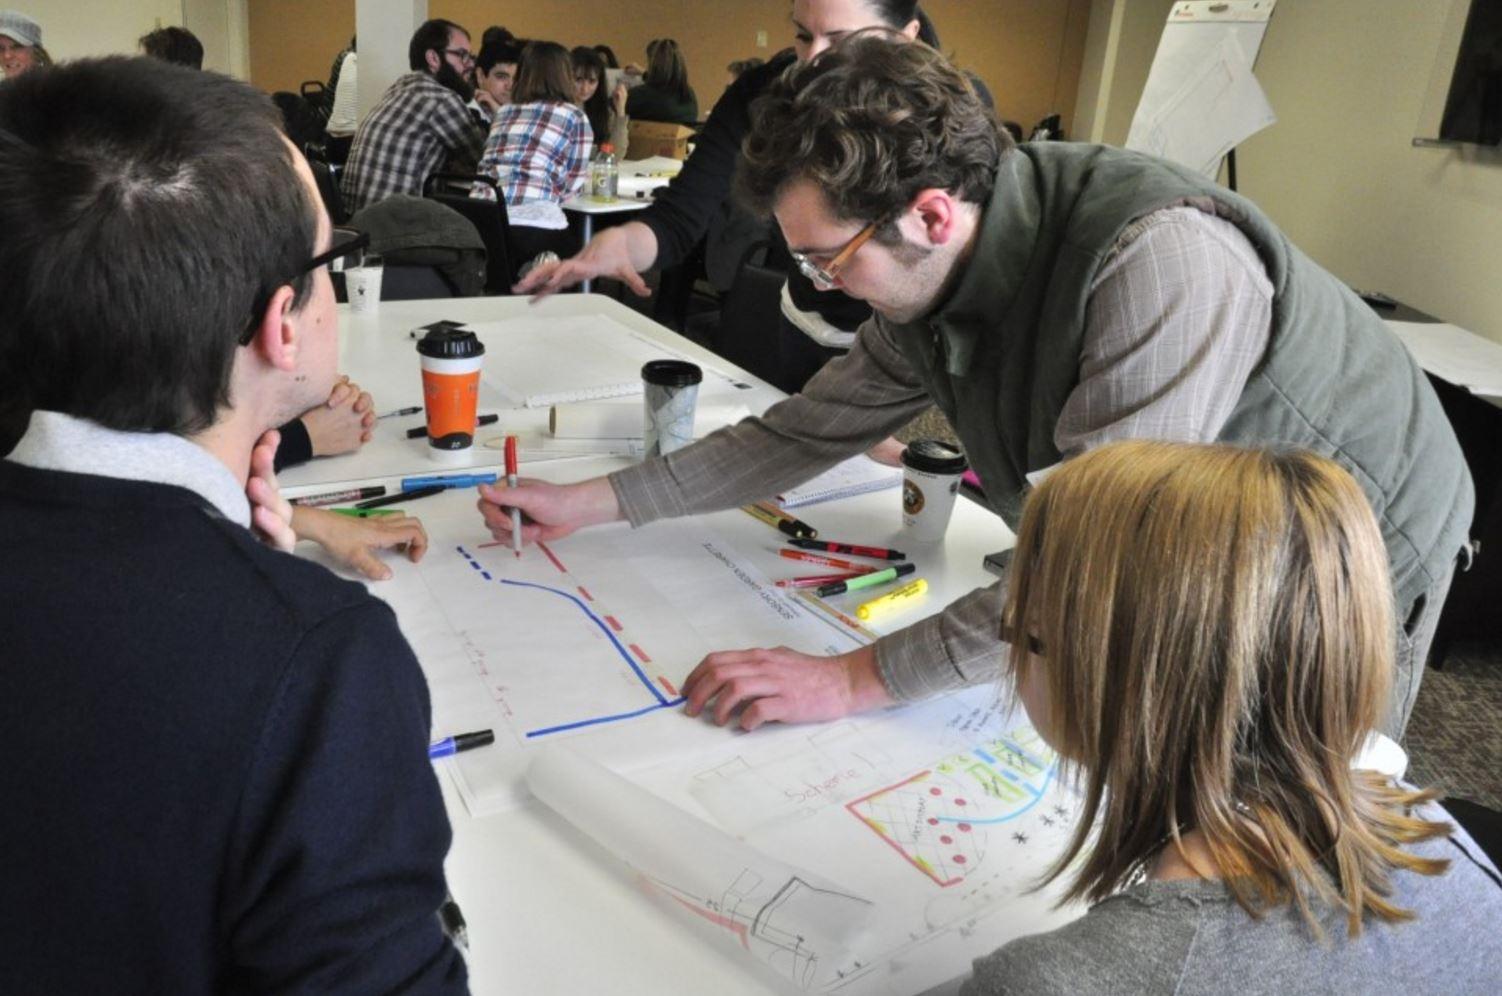 LMST Had No Open Public Collaborative Design Process